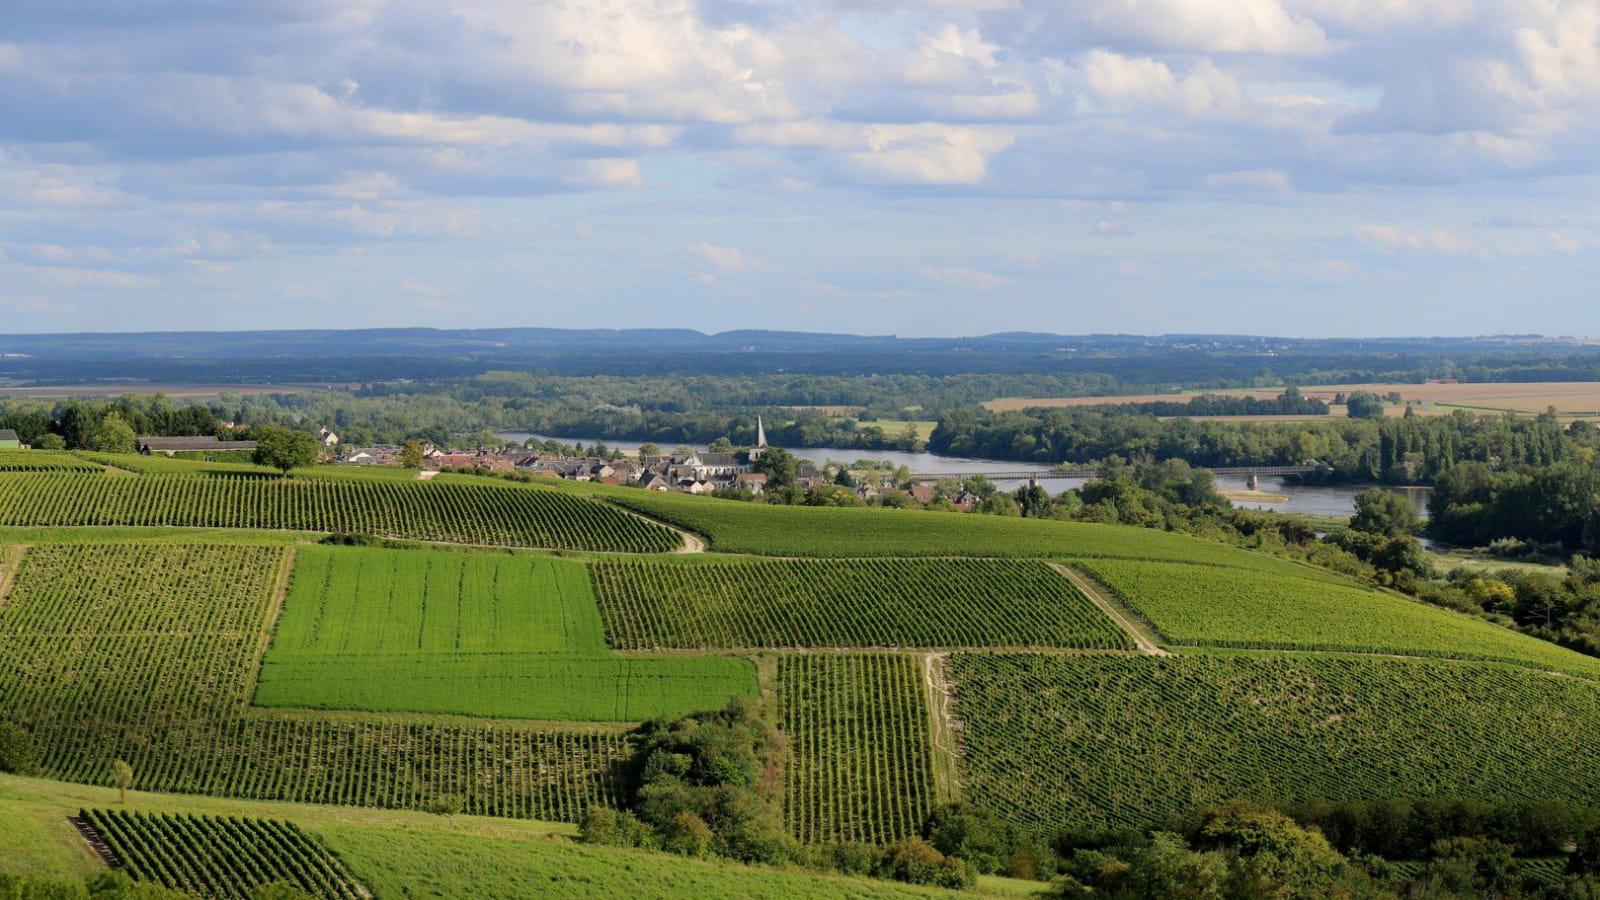 Vue sur Pouilly-sur-Loire depuis Les Loges